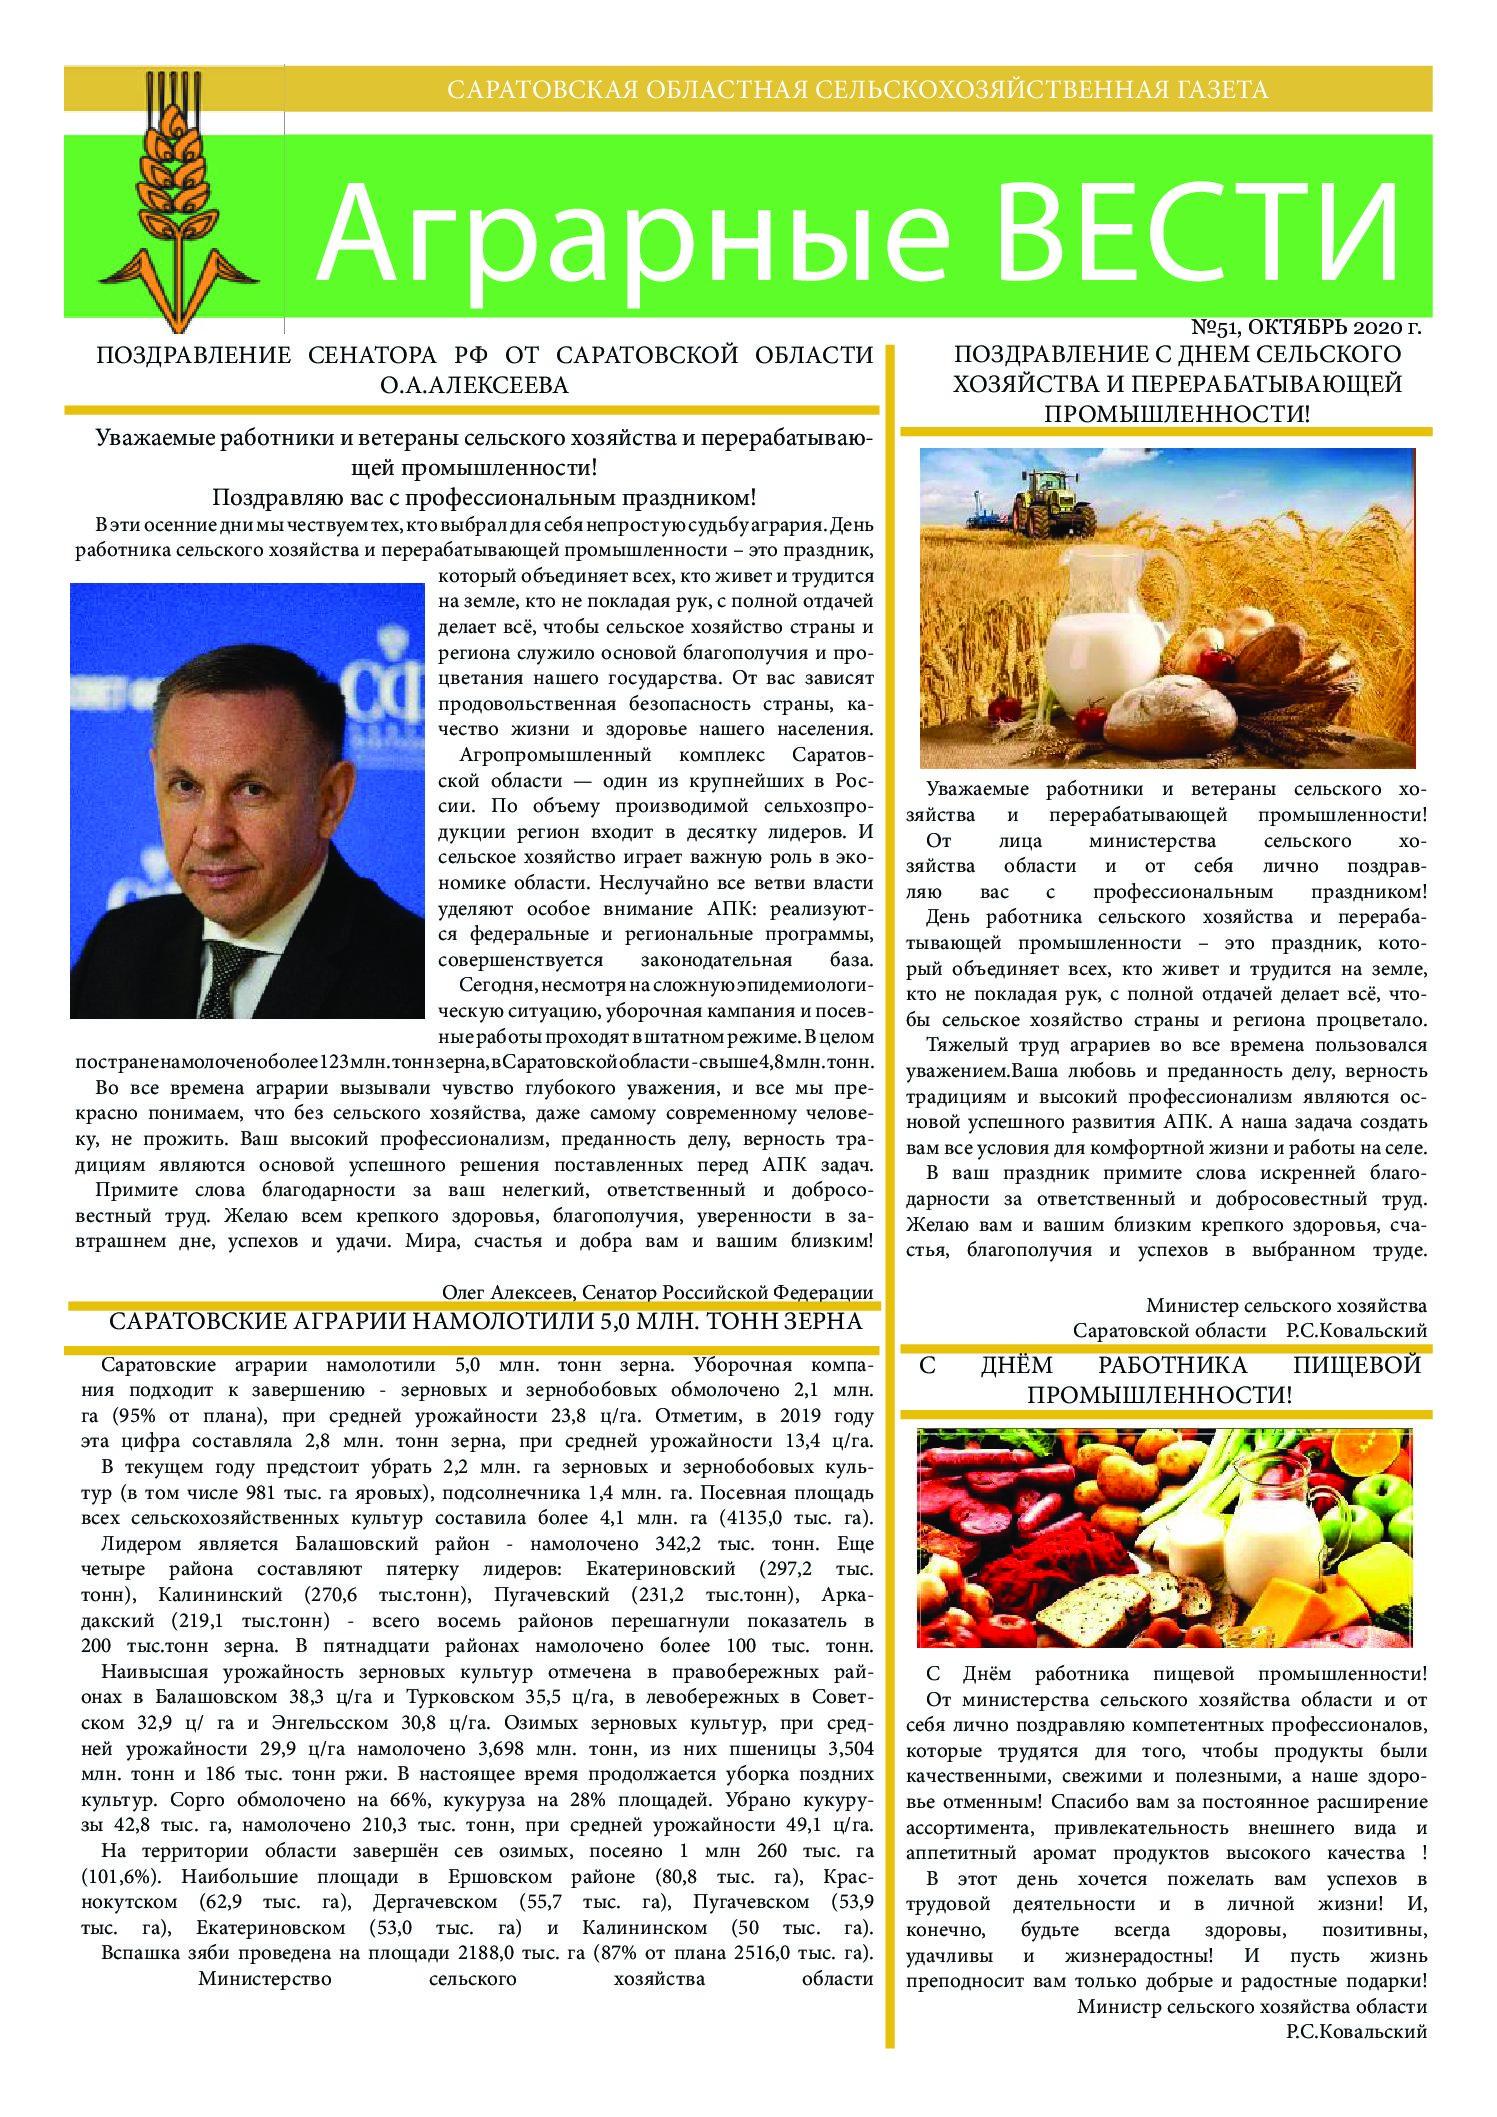 https://saratovagro.ru/wp-content/uploads/2020/10/Октябрь51-pdf.jpg